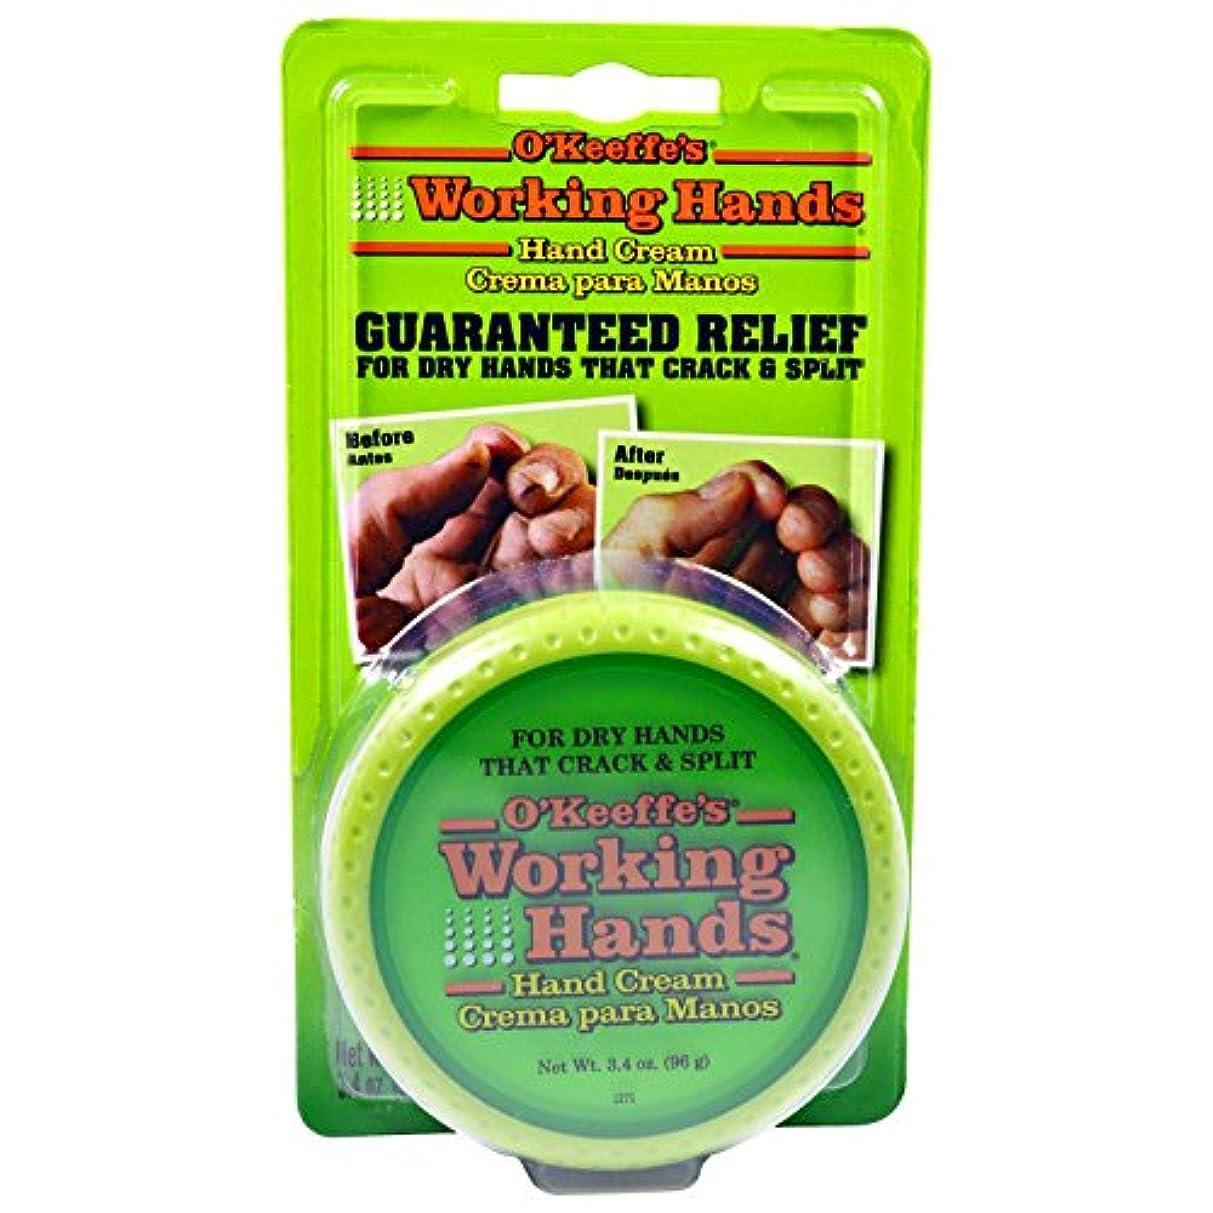 ノミネート明るい大陸オキーフス ワーキングハンドクリーム チューブ 85g 3点 & ワーキングハンズ ハンドクリーム96 g 3点 3セット(並行輸入品) O'Keeffe's Working Hands Hand Cream 3oz